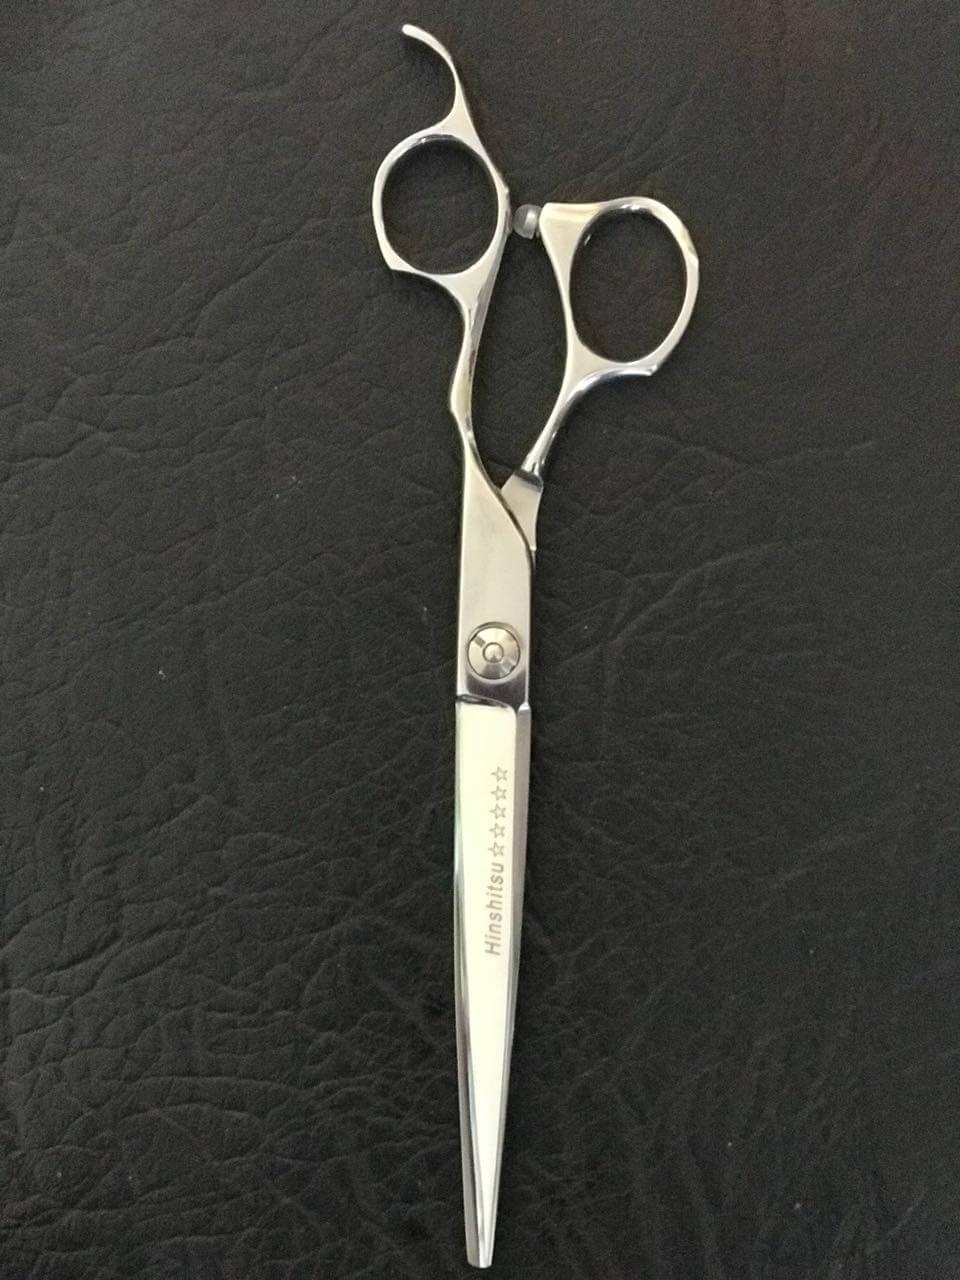 Hintachi nozhnitsyi - Как выбрать парикмахерские ножницы. Рейтинг, обзор и цены